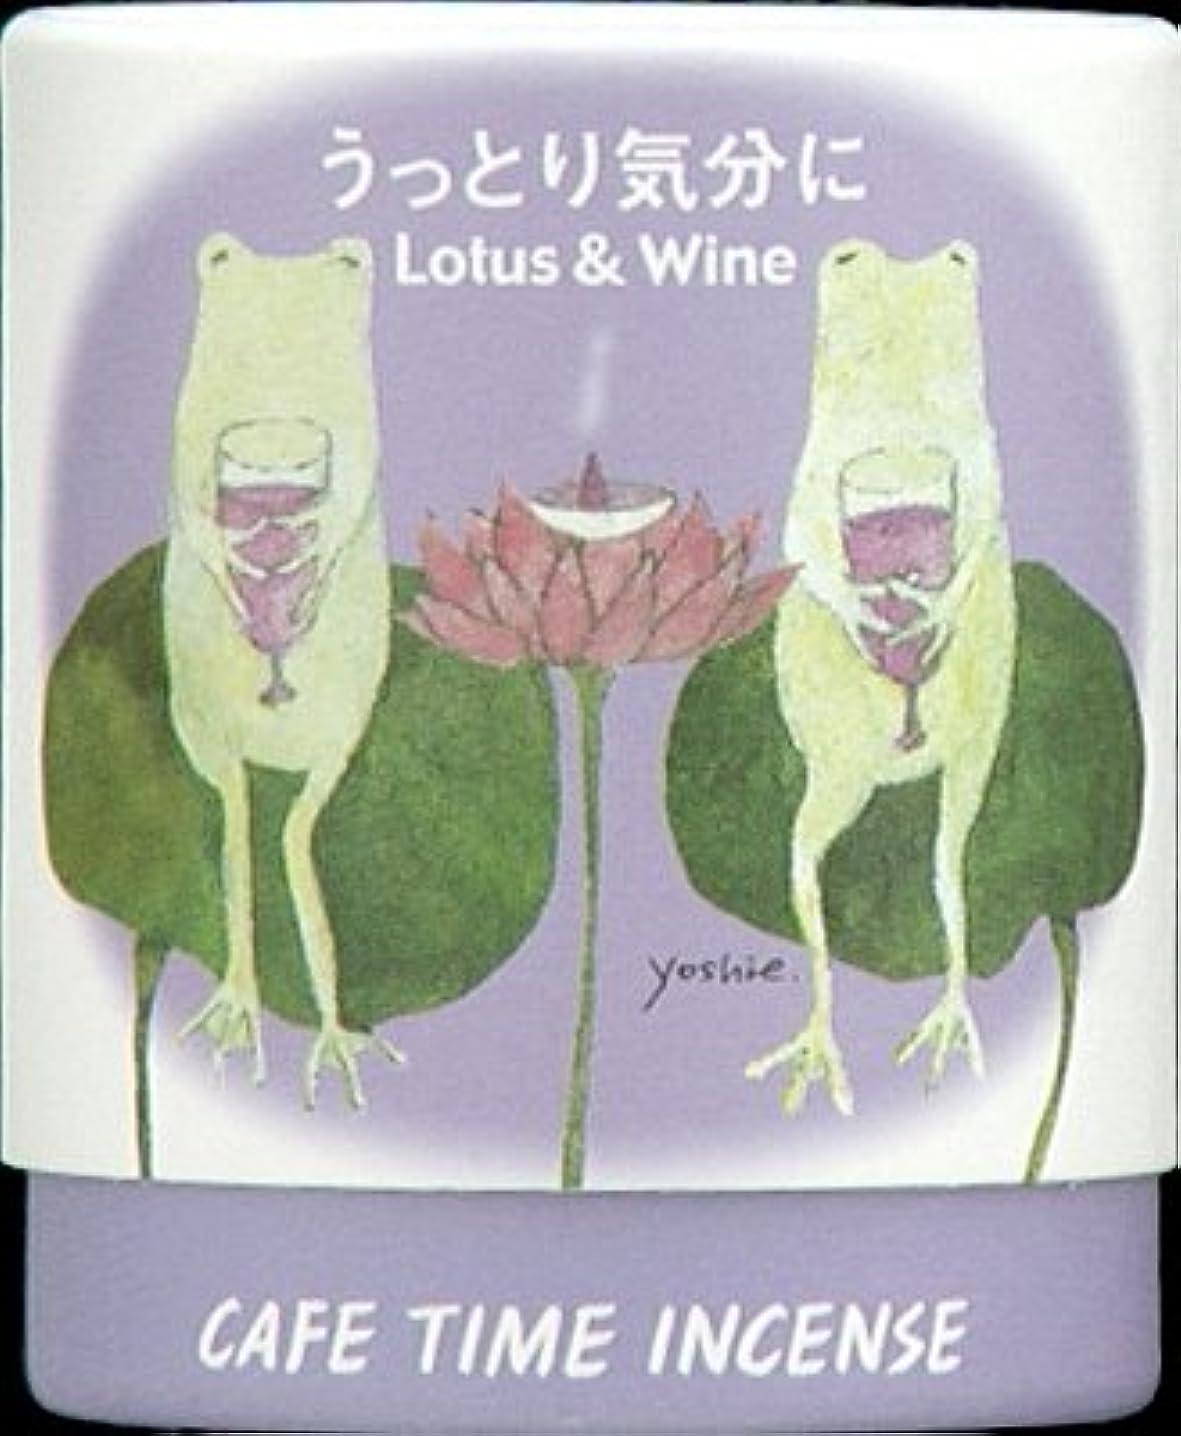 無限間欠文房具日本香堂 カフェタイム インセンス うっとり気分に コーン 10個入 (お香)×144点セット (4902125333024)